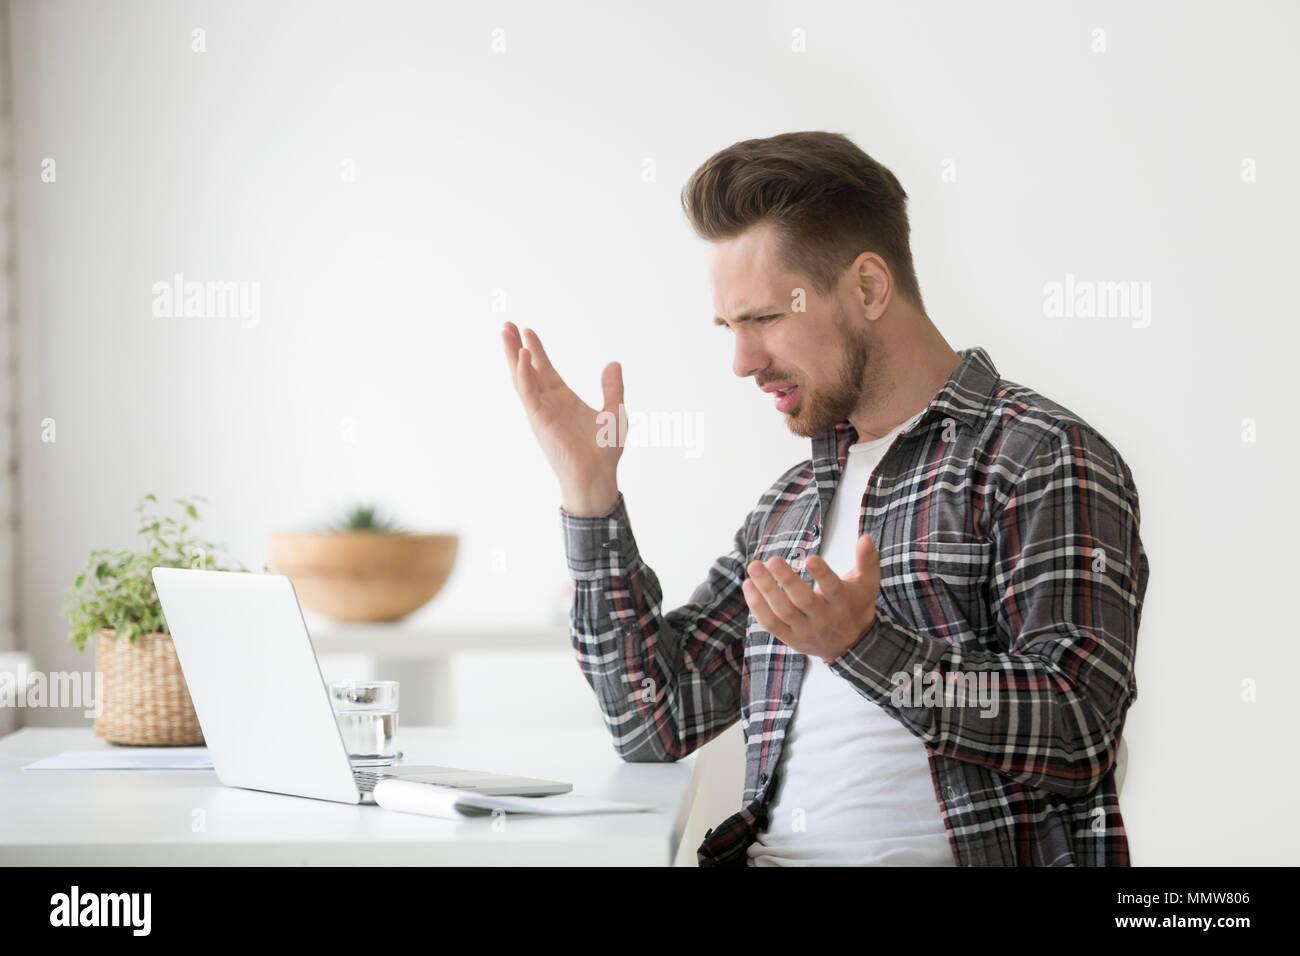 Confundido el hombre enojado frustrados por problema en línea, odio pegada lapt Imagen De Stock